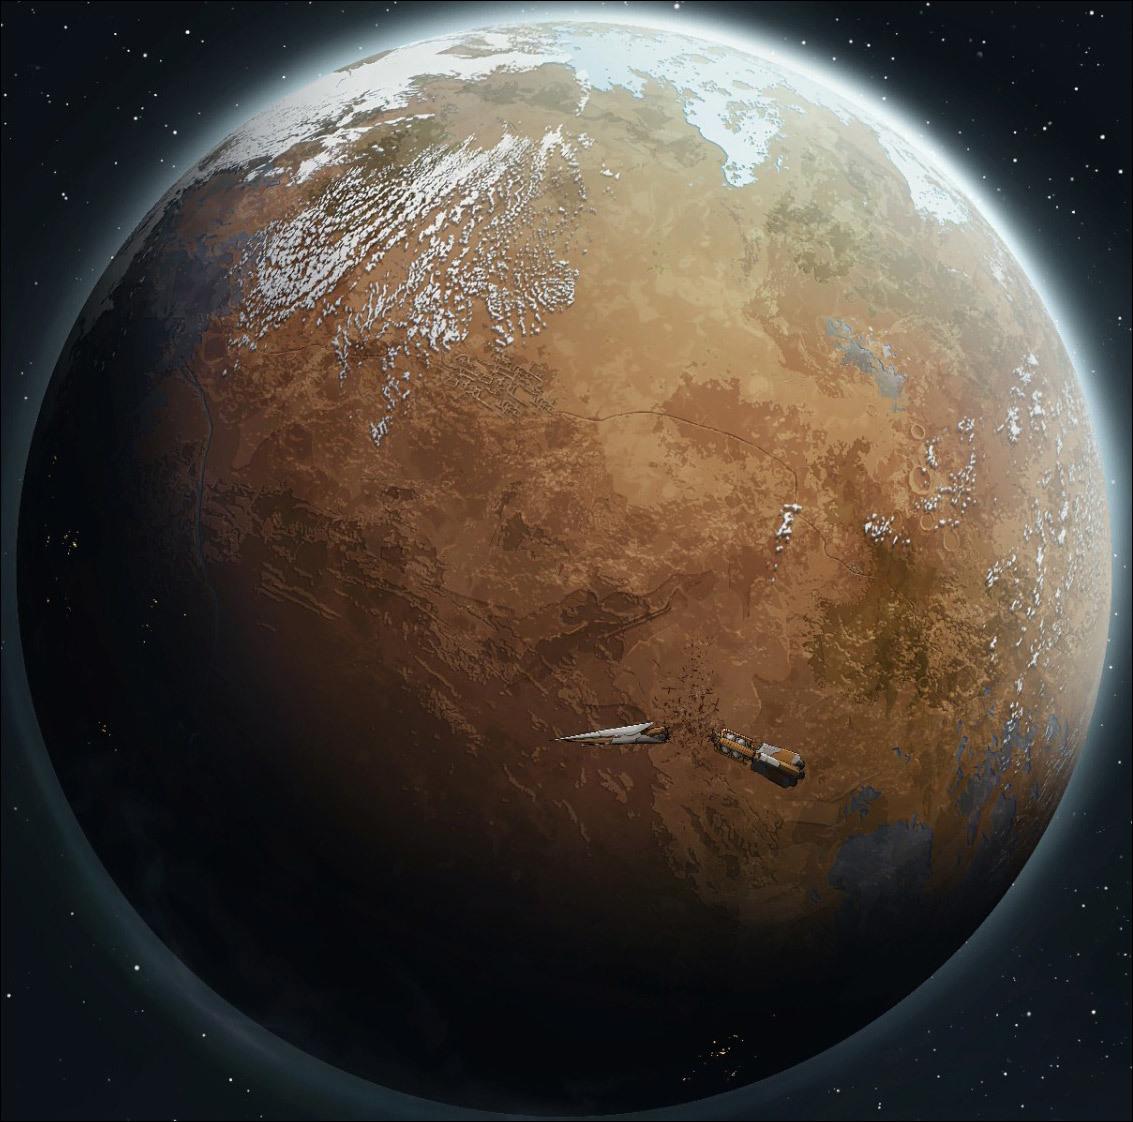 Парадокс Rimworld: захватывающая сюжетом «песочница» - 2